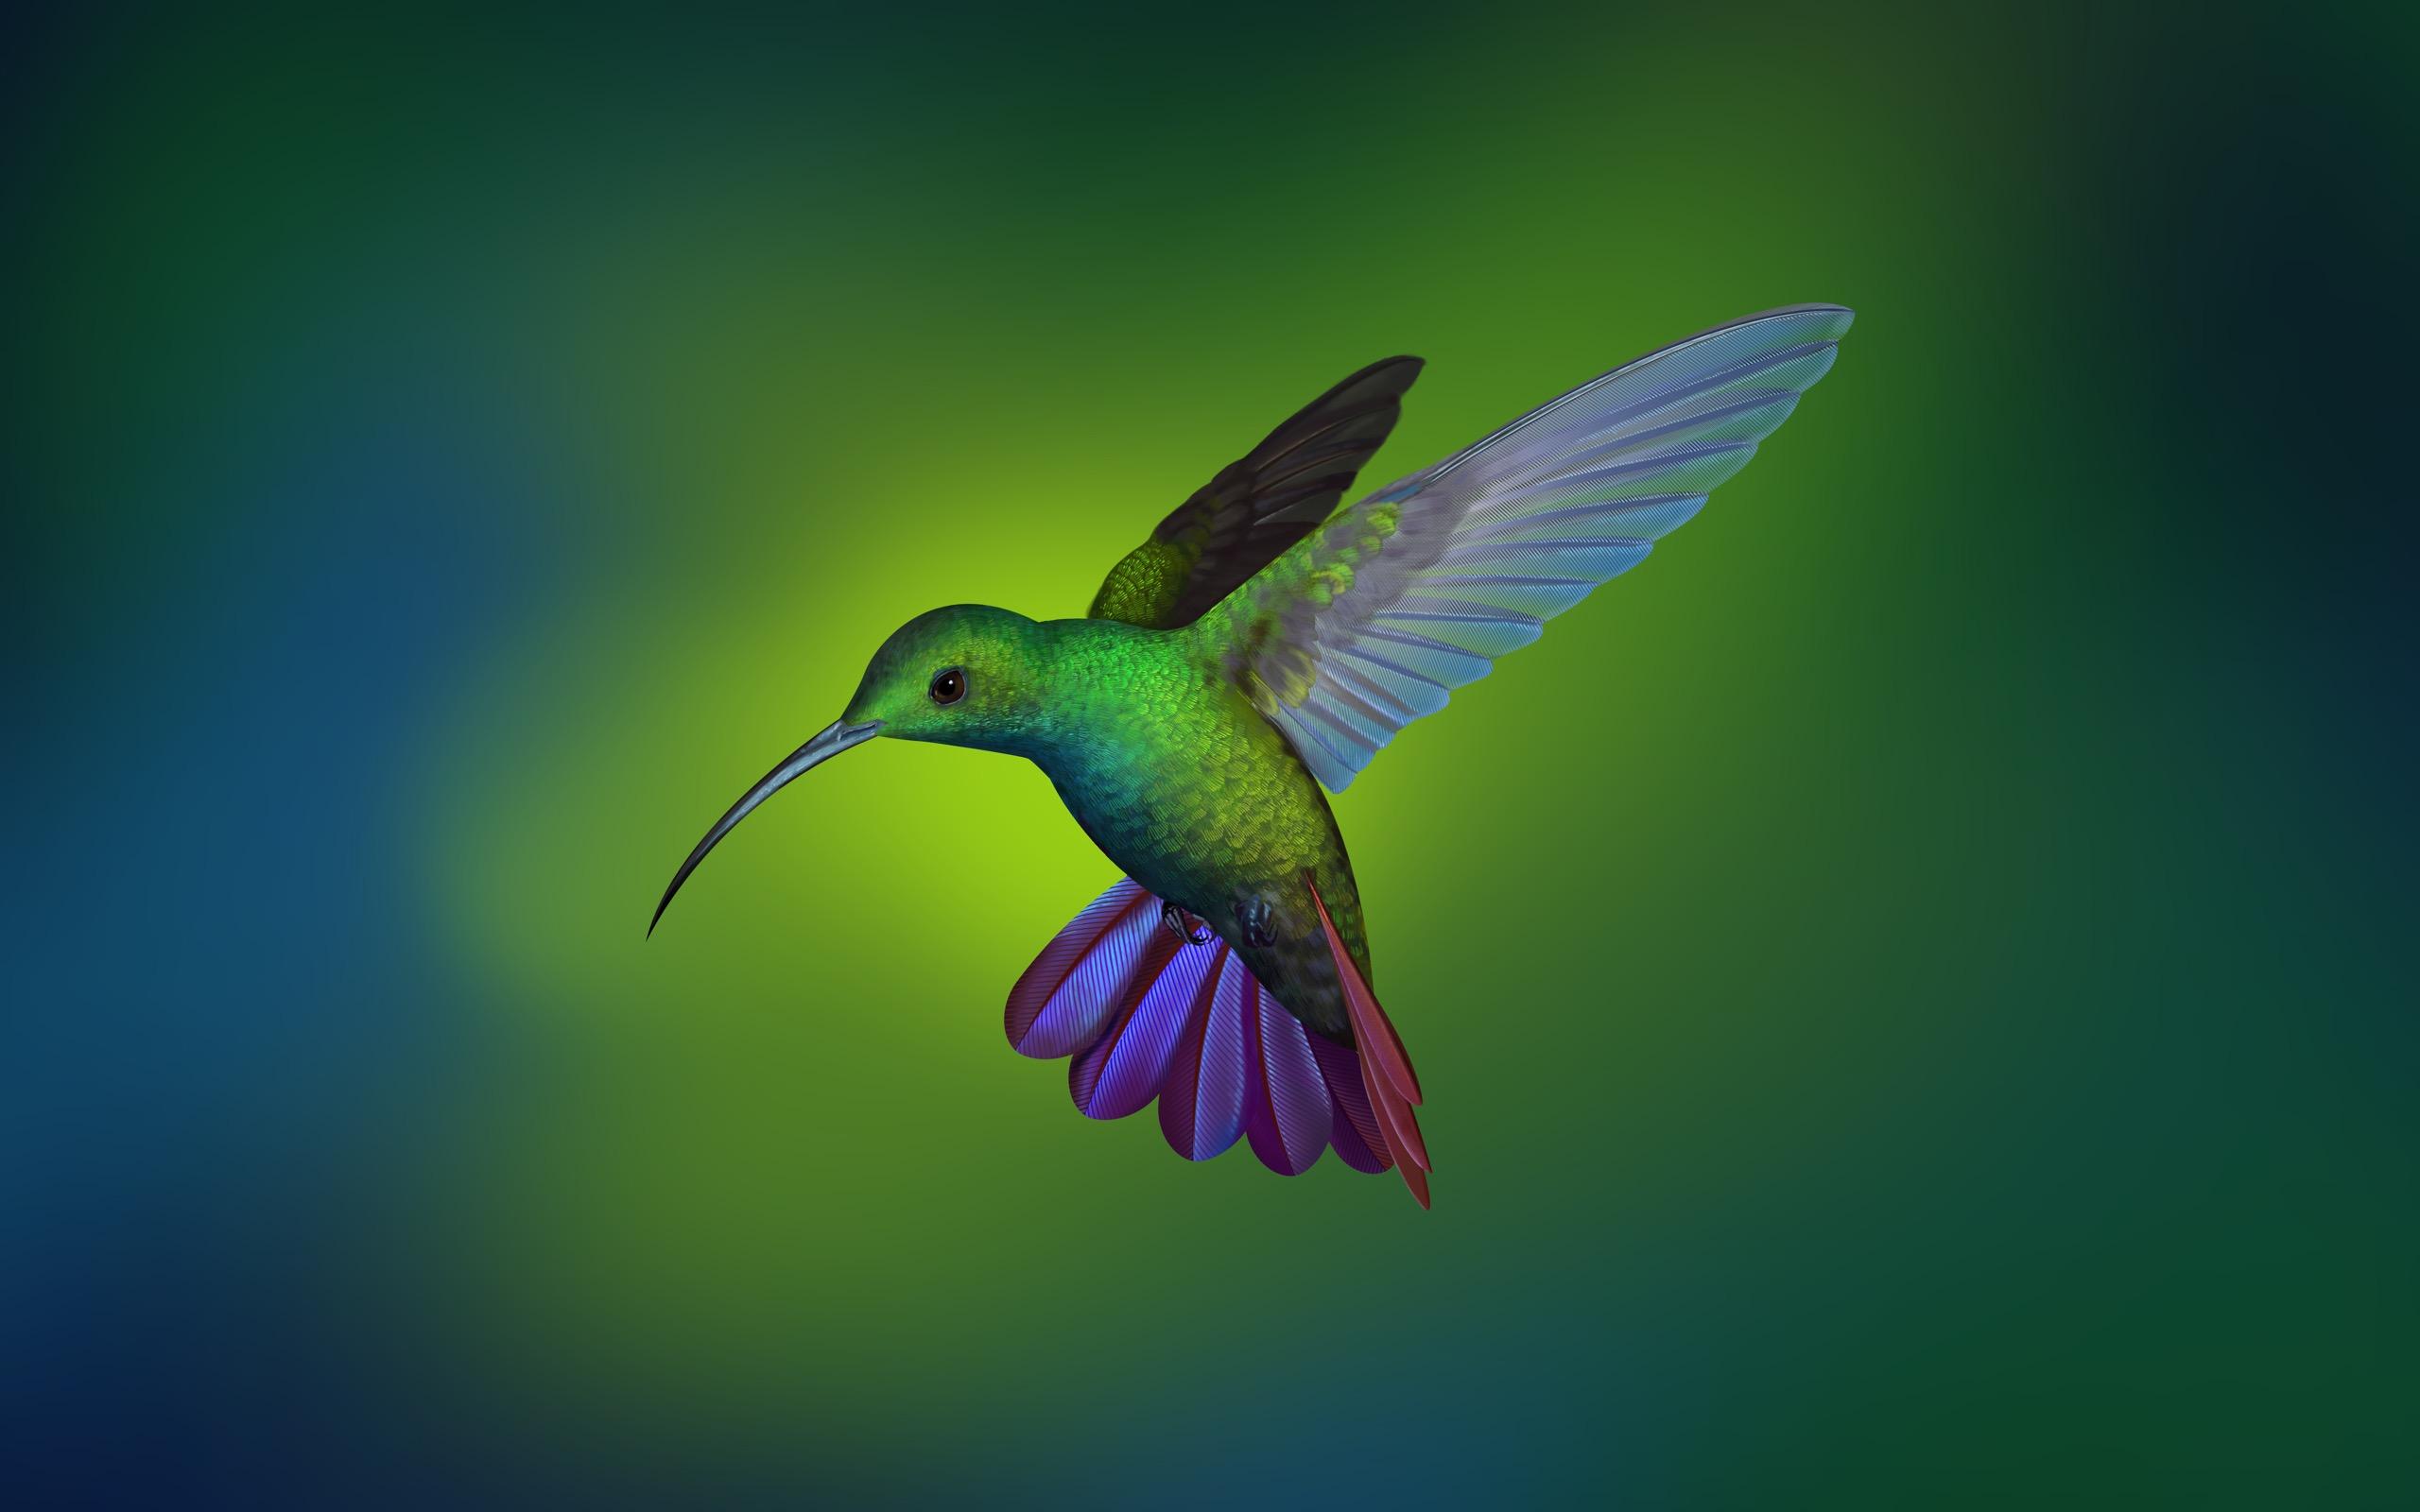 Wallpaper Hummingbird Digital Art